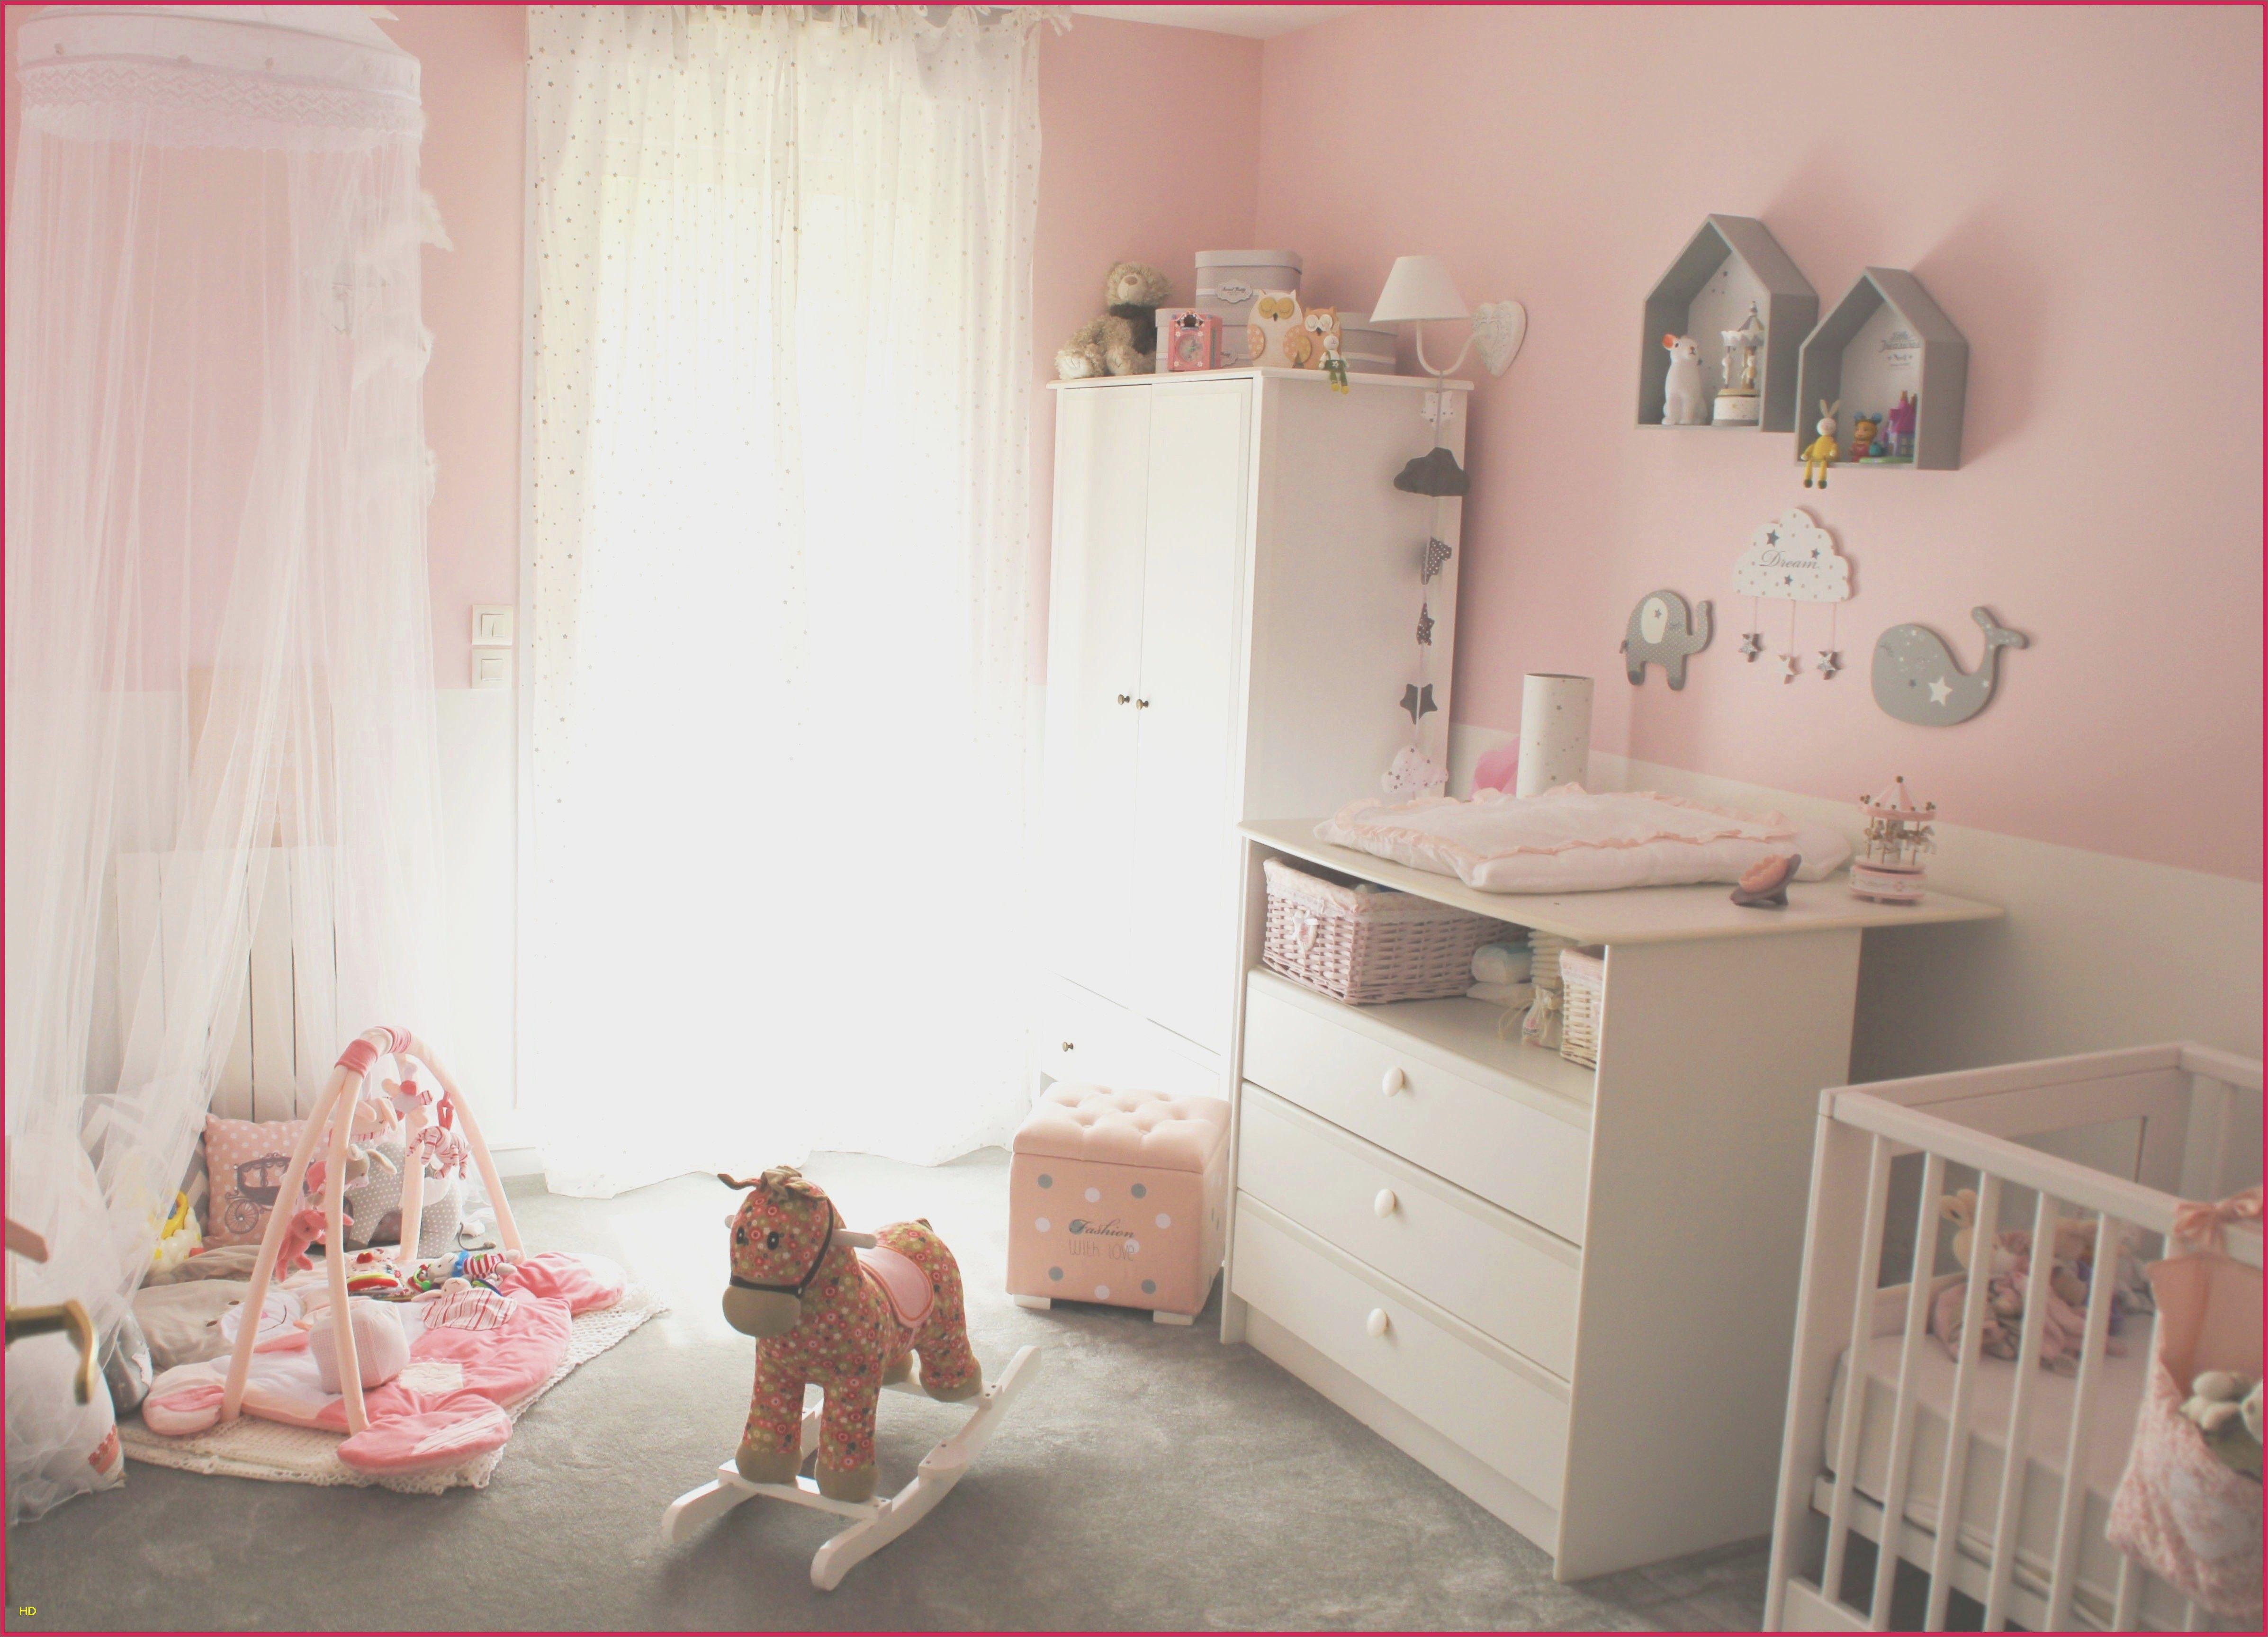 Lit Bébé Hensvik Luxe Baignoire Pliante Bébé Beautiful Lit Bebe Luxe 36 Ikea Best De Avec